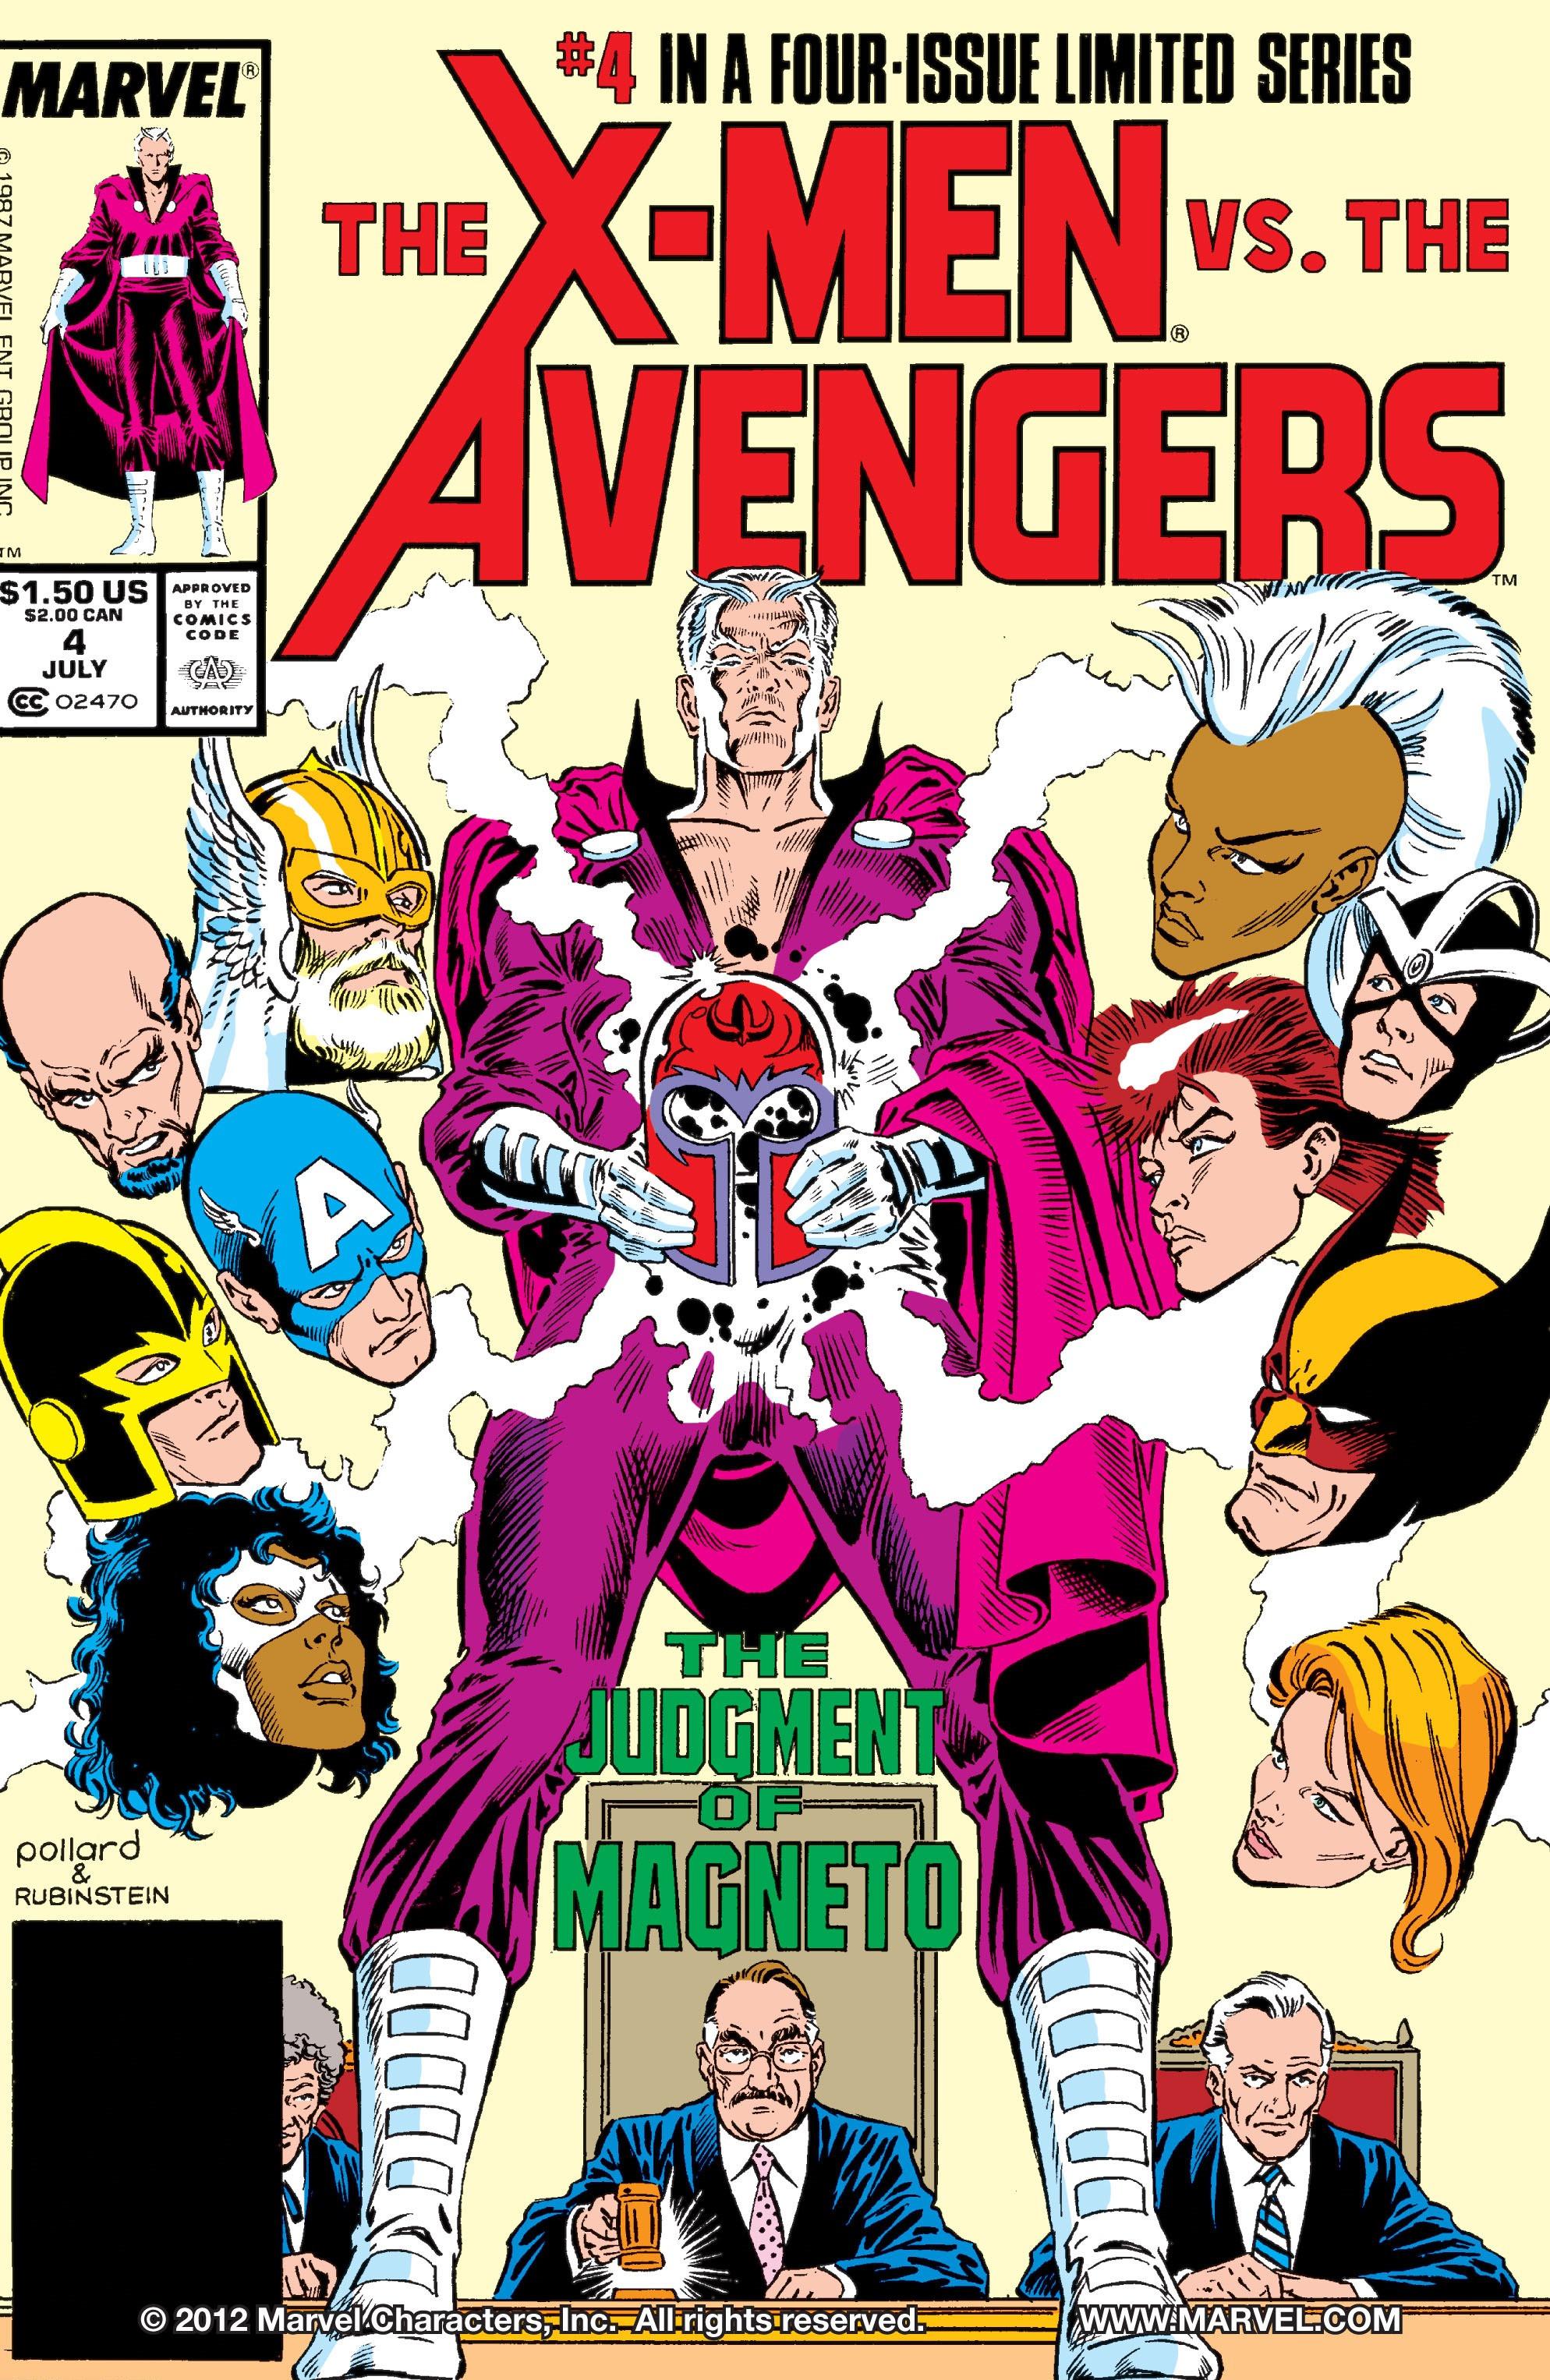 X-Men vs Avengers Vol 1 4 - Marvel Comics Database